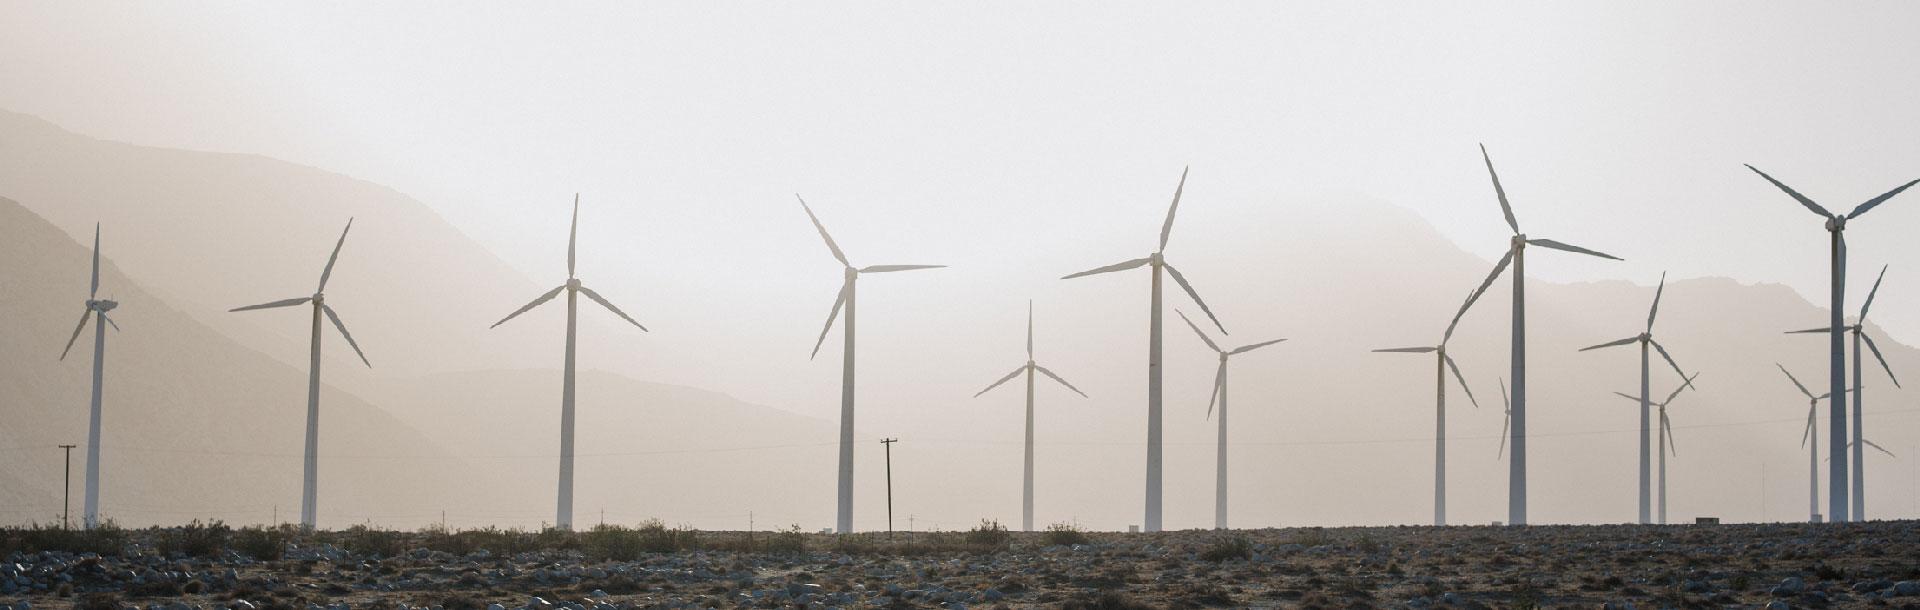 green-energy-47